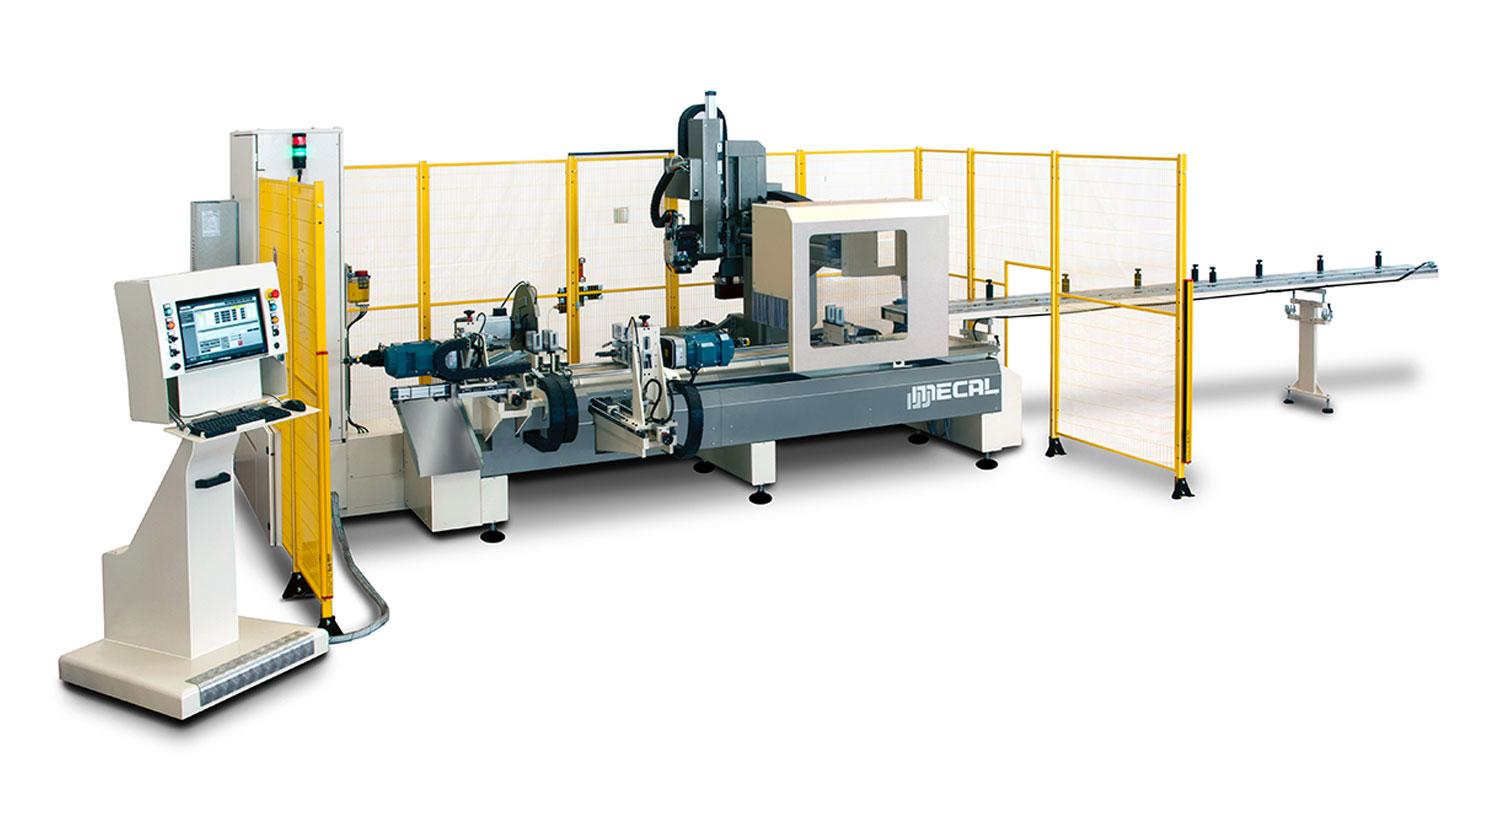 INT aluminum CNC Mecal FM 311 fabrication centre 1